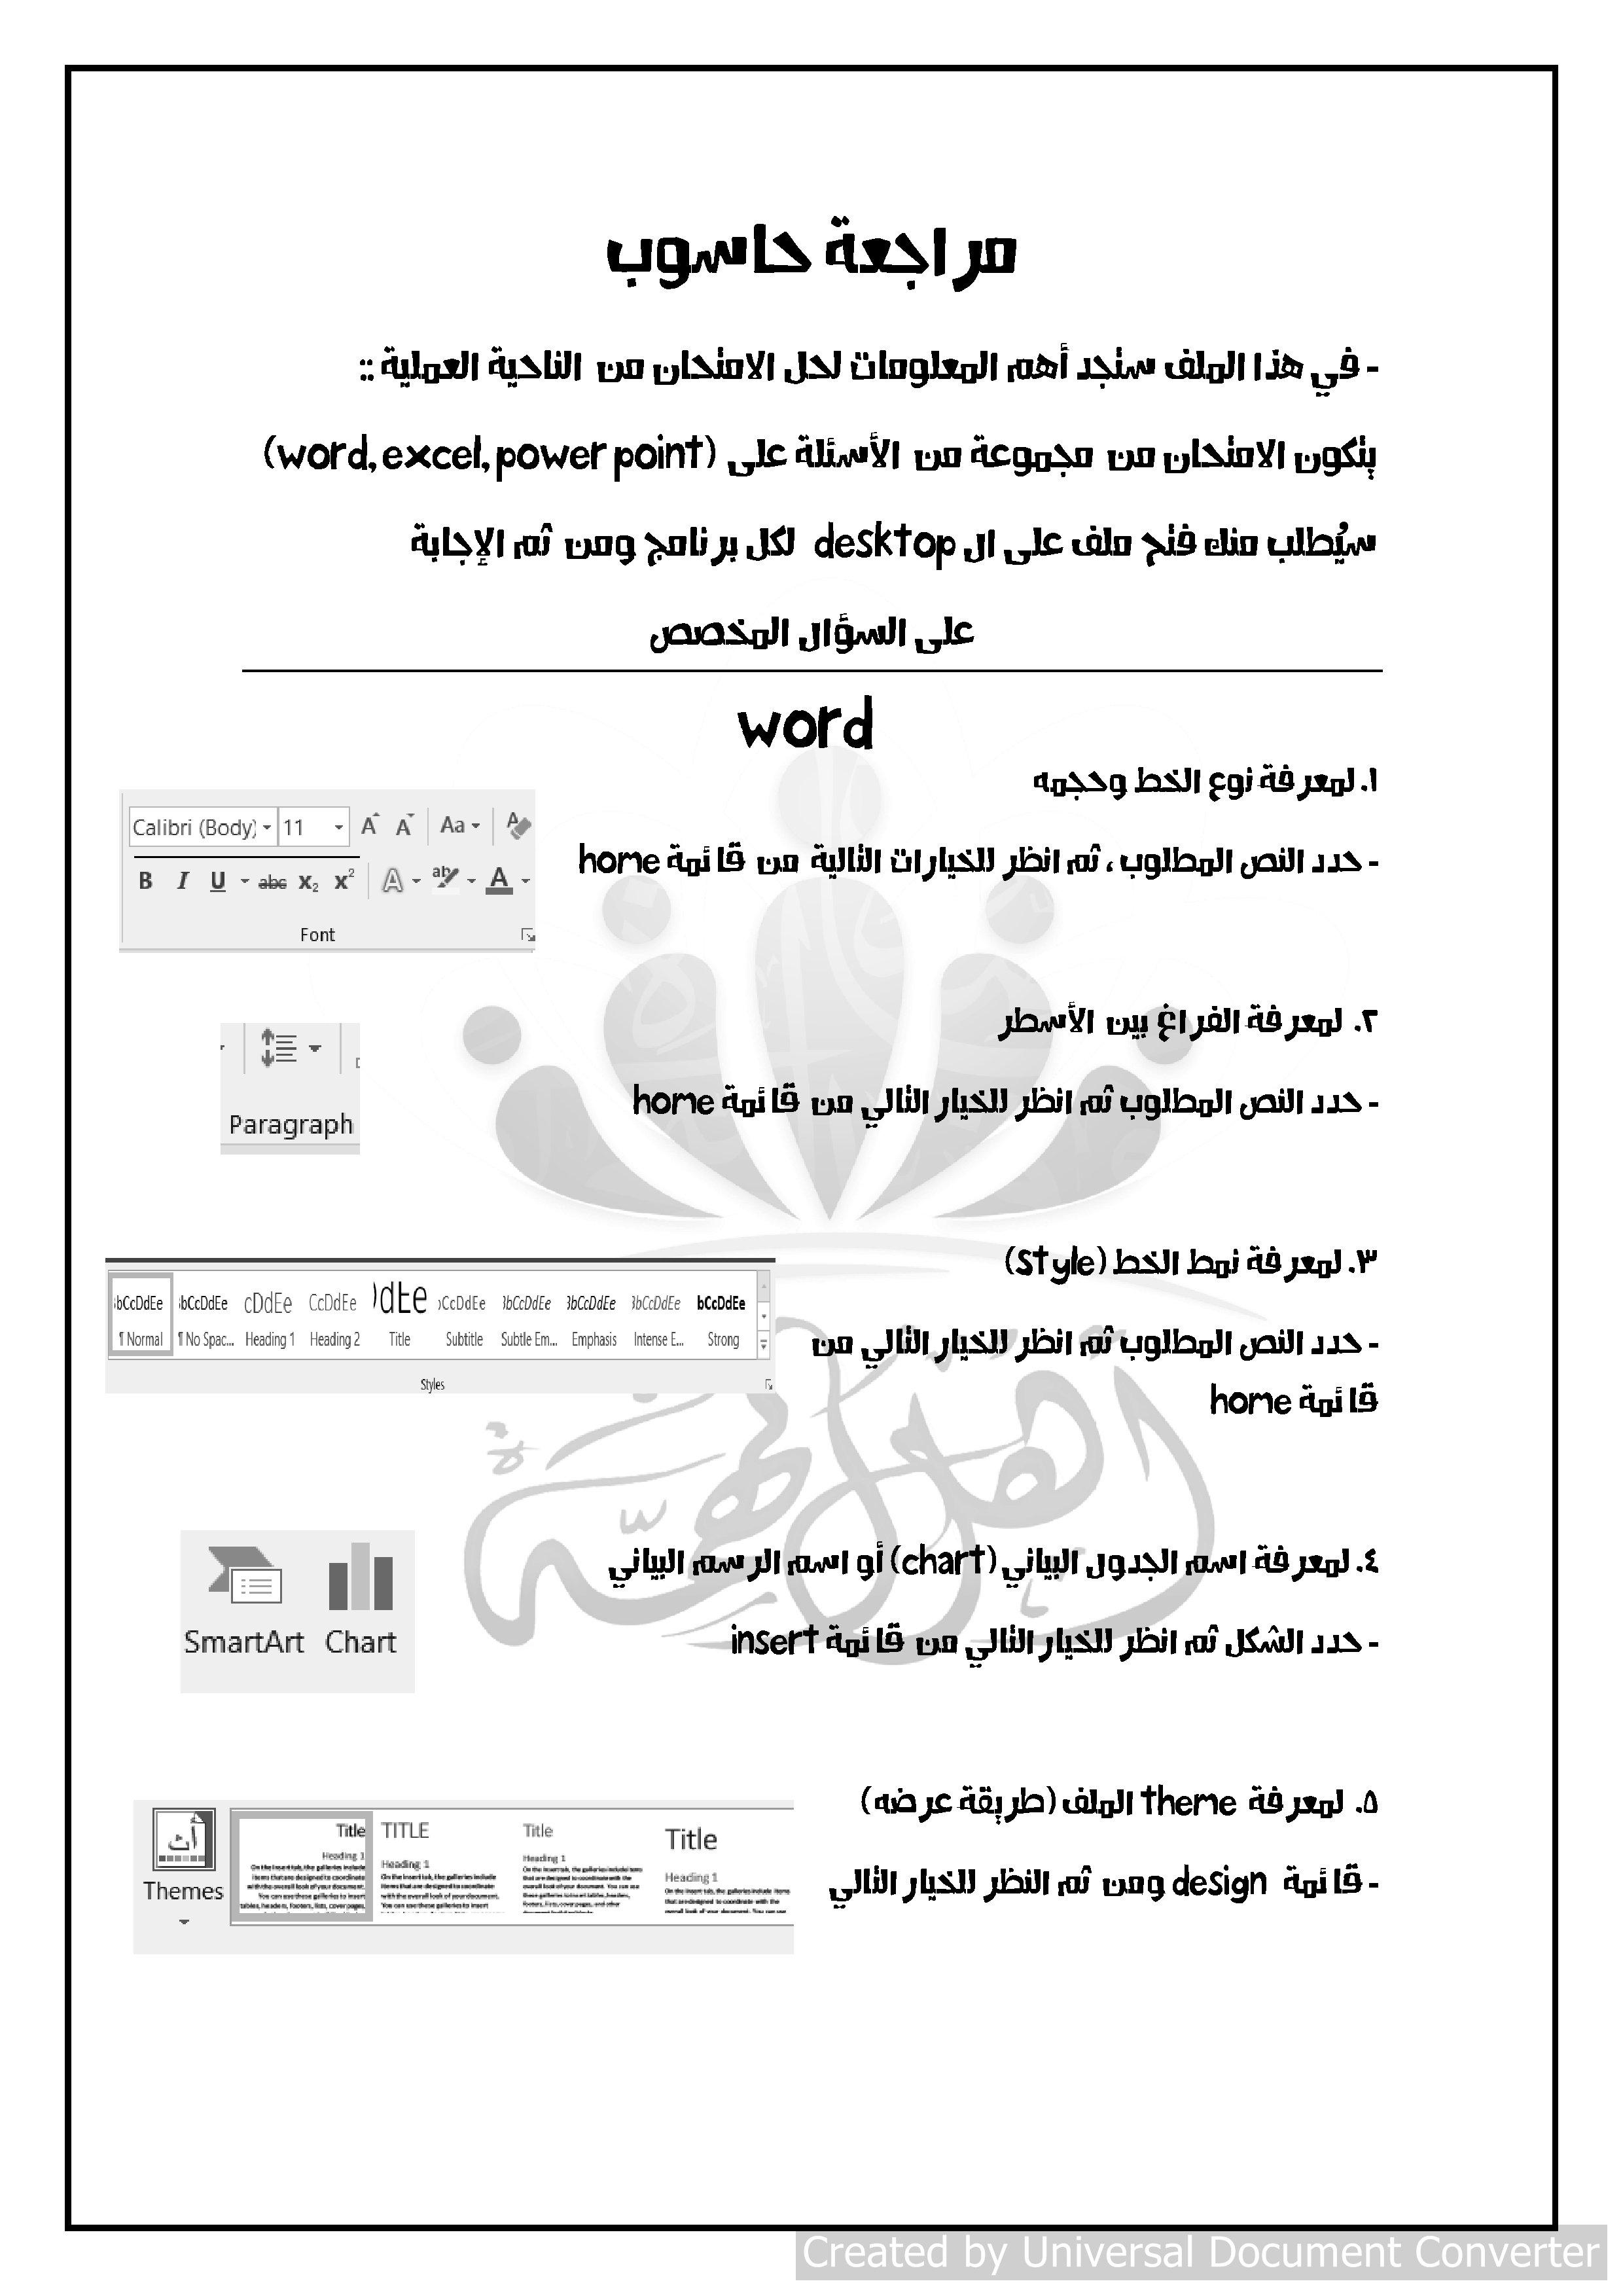 pdf:مراجعة الحاسوب الجامعات الأردنية do.php?img=48505